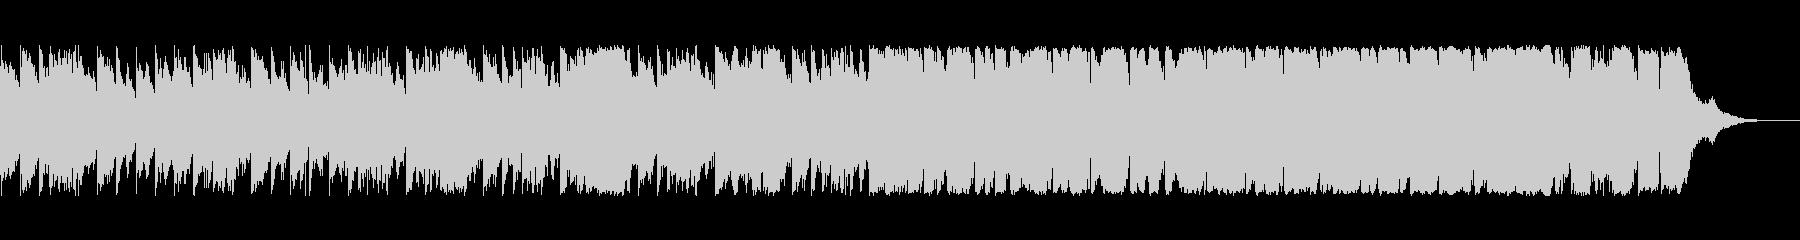 70年代のイアンのフレミング007...の未再生の波形